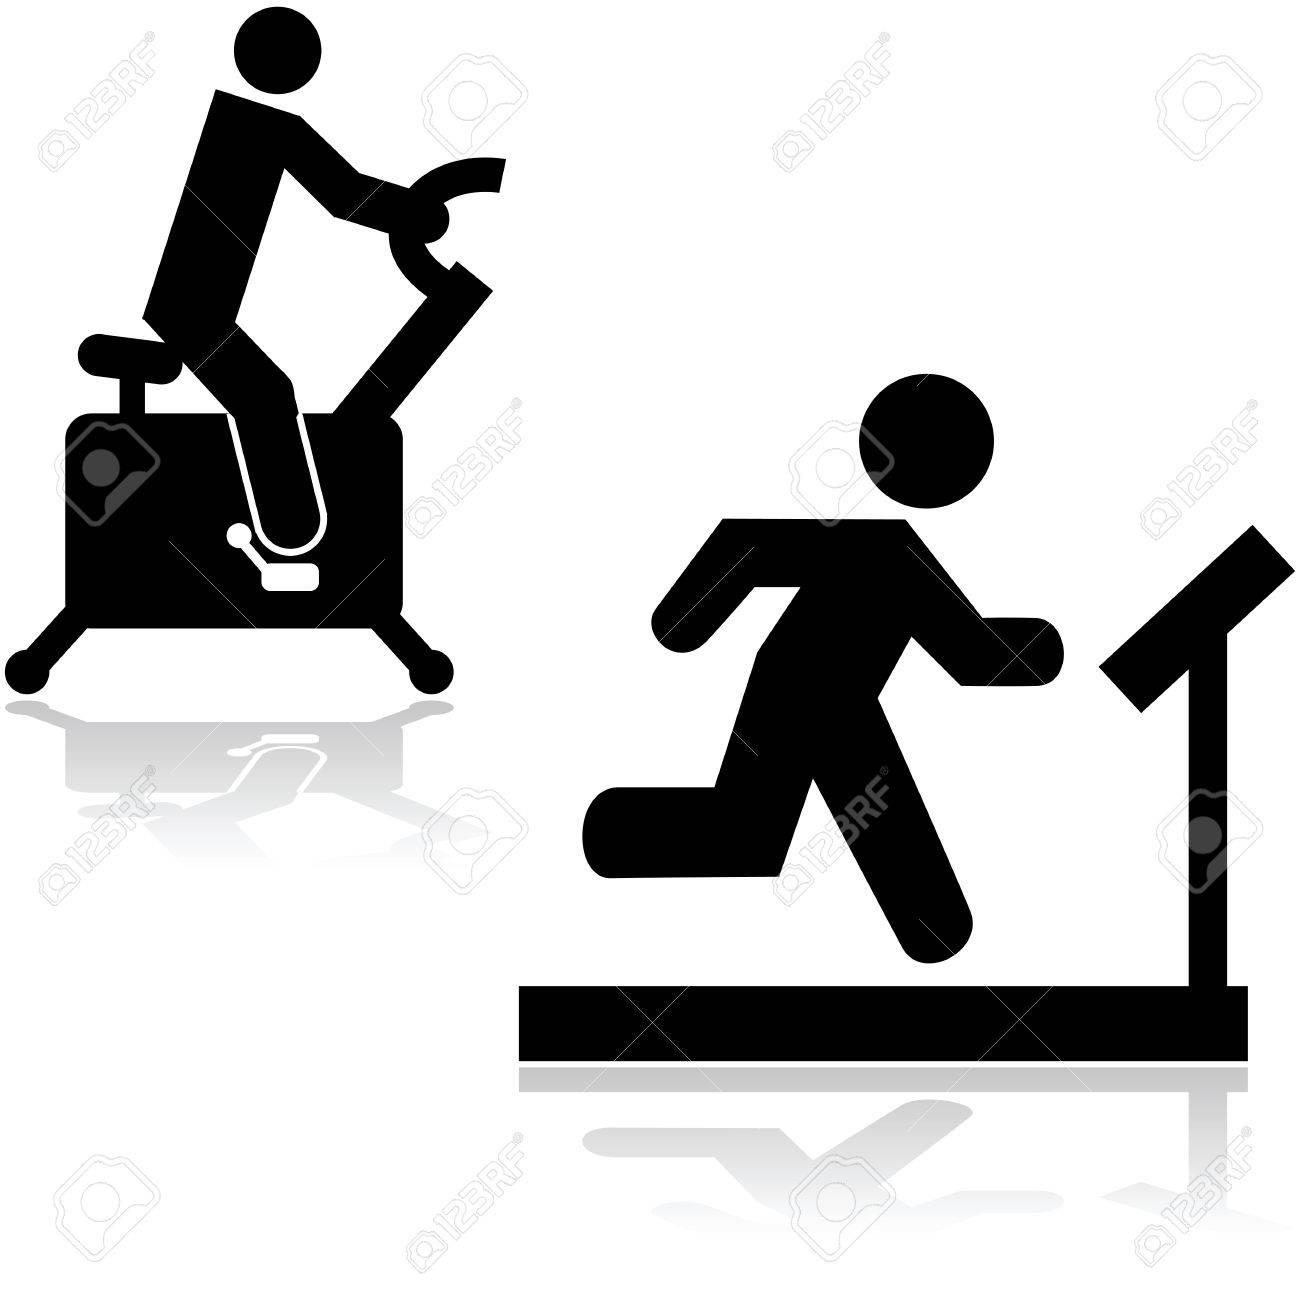 icones montrant une personne sur un tapis roulant et velo stationnaire